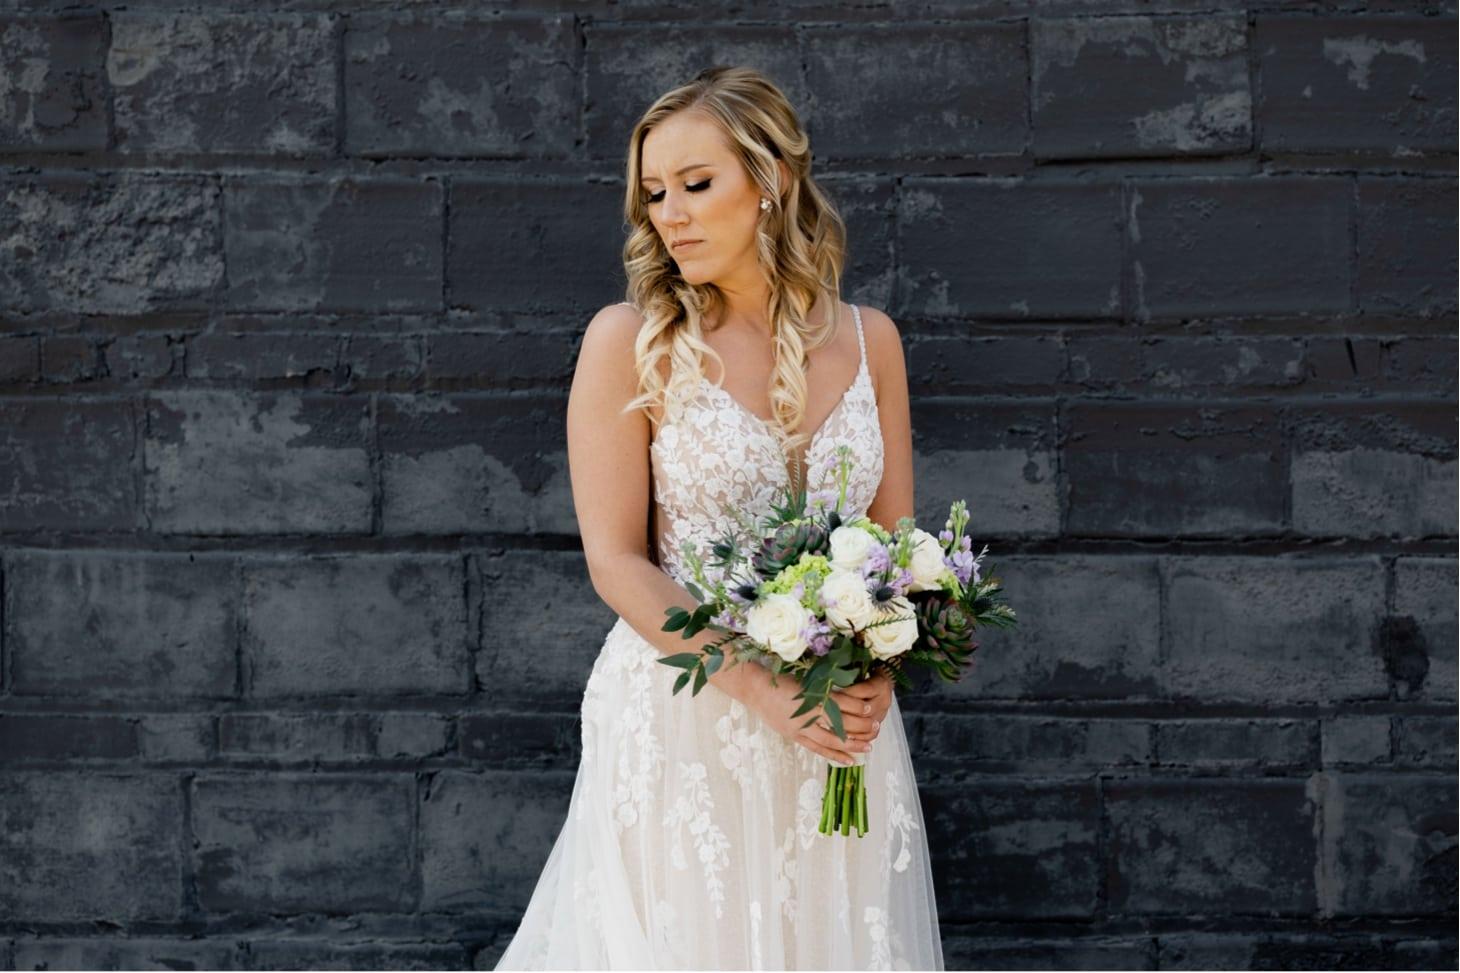 Bridal portrait Noce wedding